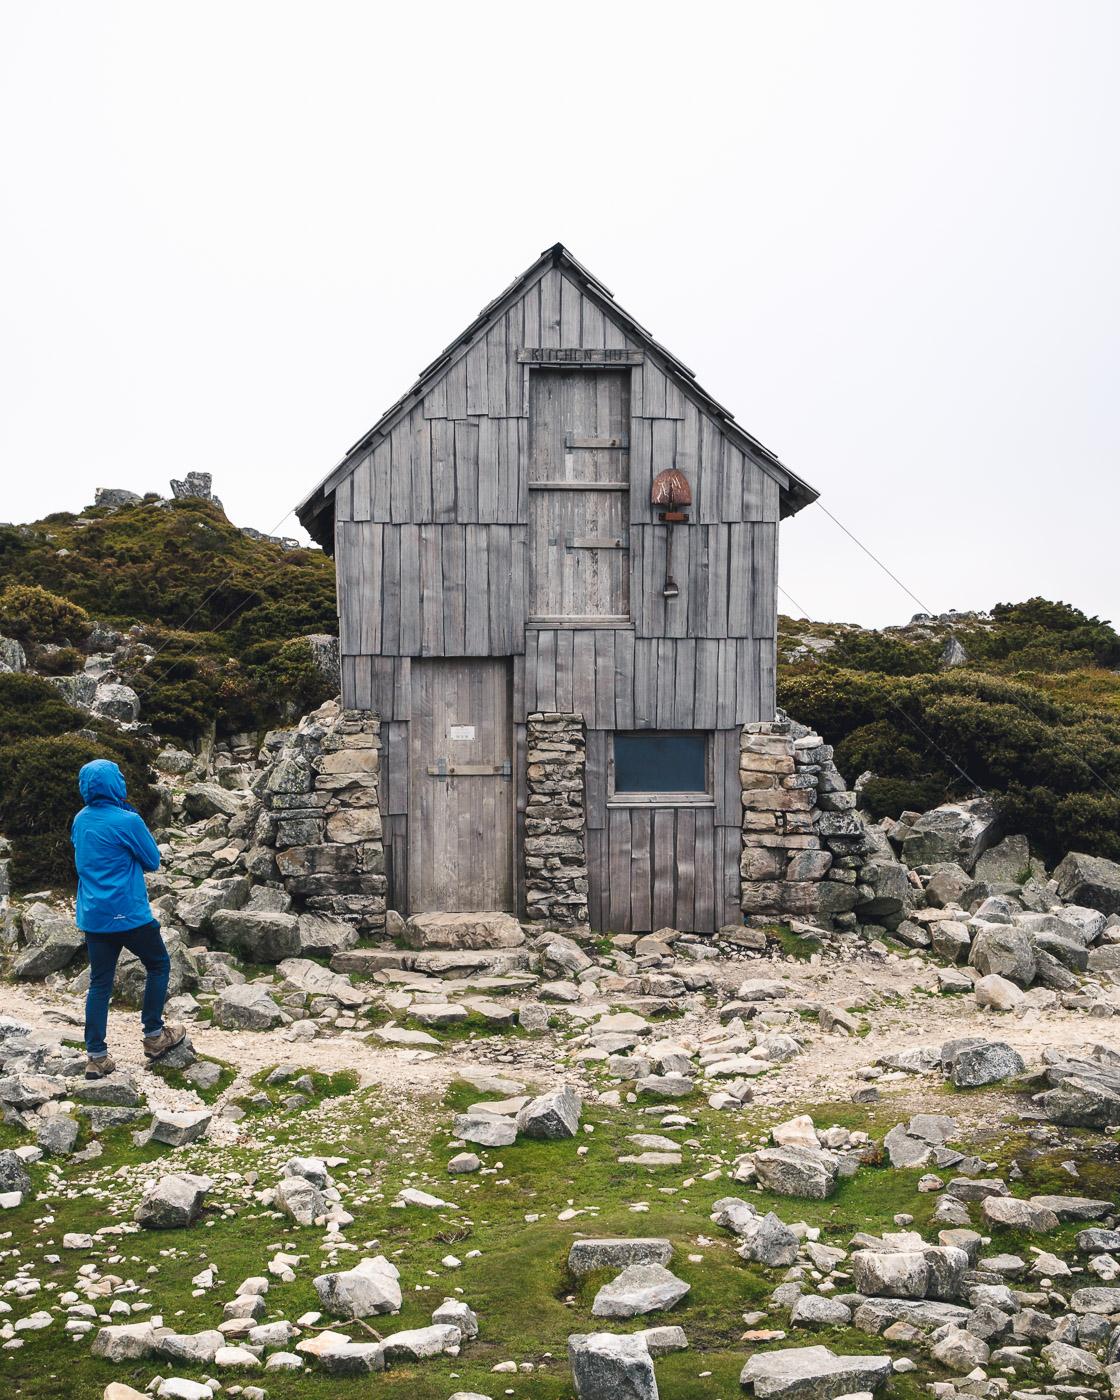 Kitchen-Hut-Cradle-Mountain-Tasmania.jpg